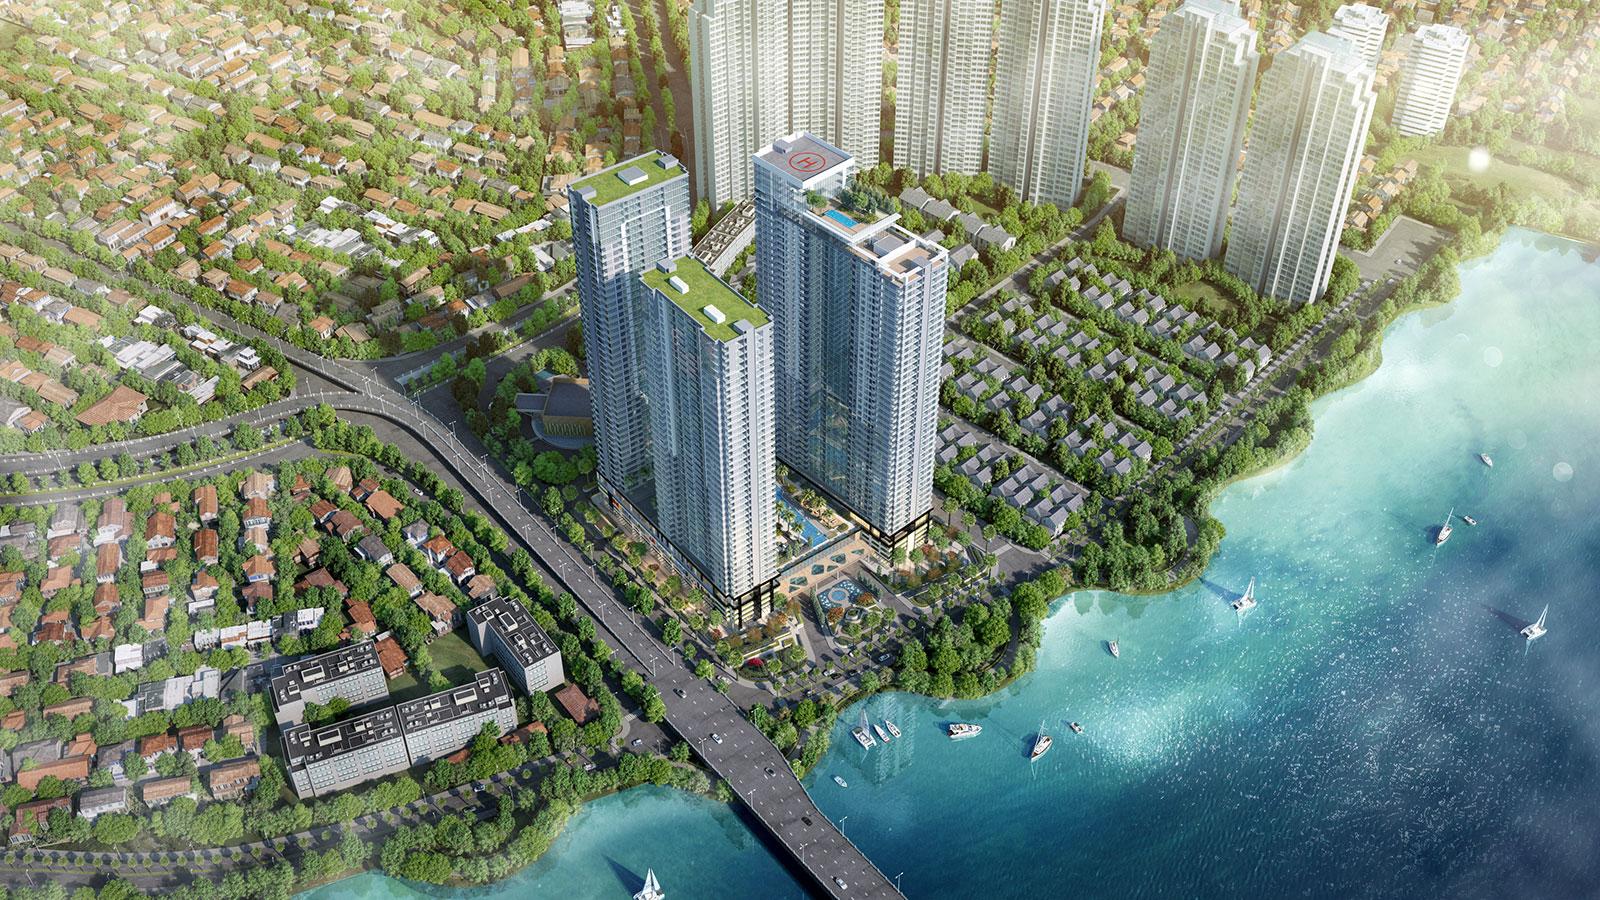 Tòa tháp B1 của dự án Sunwah Pearl bao gồm có những gì?